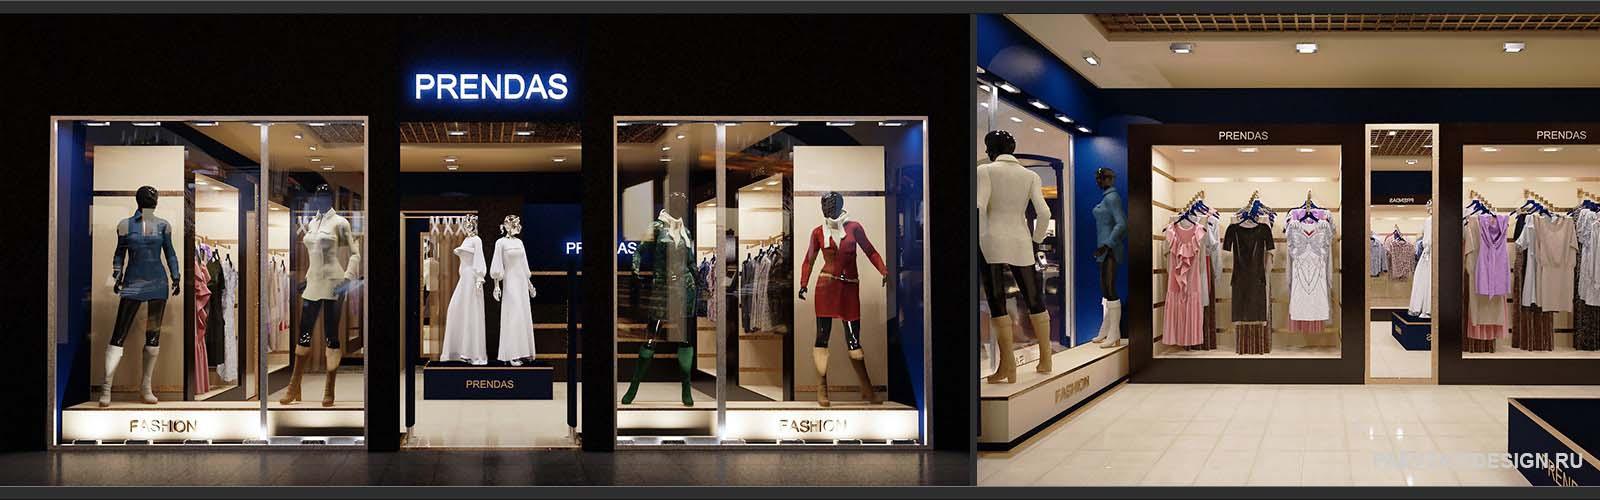 Дизайн проект магазина одежды